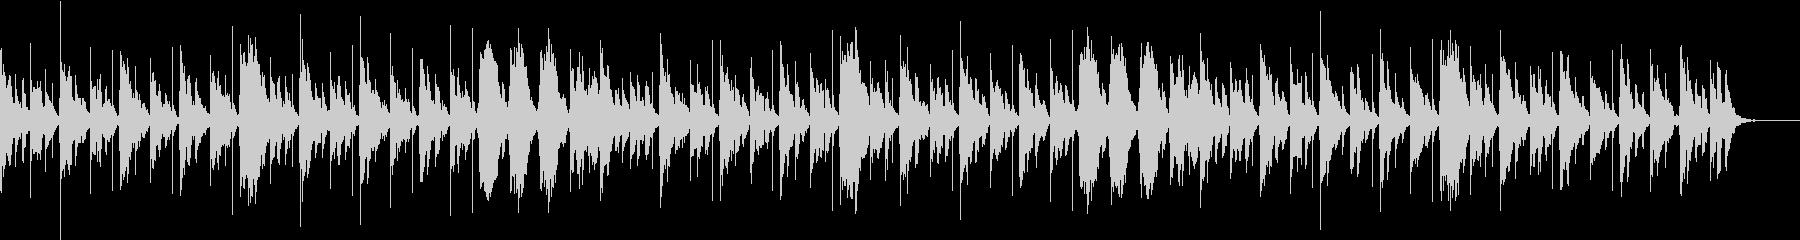 エレクトリックピアノによる温かいサウンドの未再生の波形